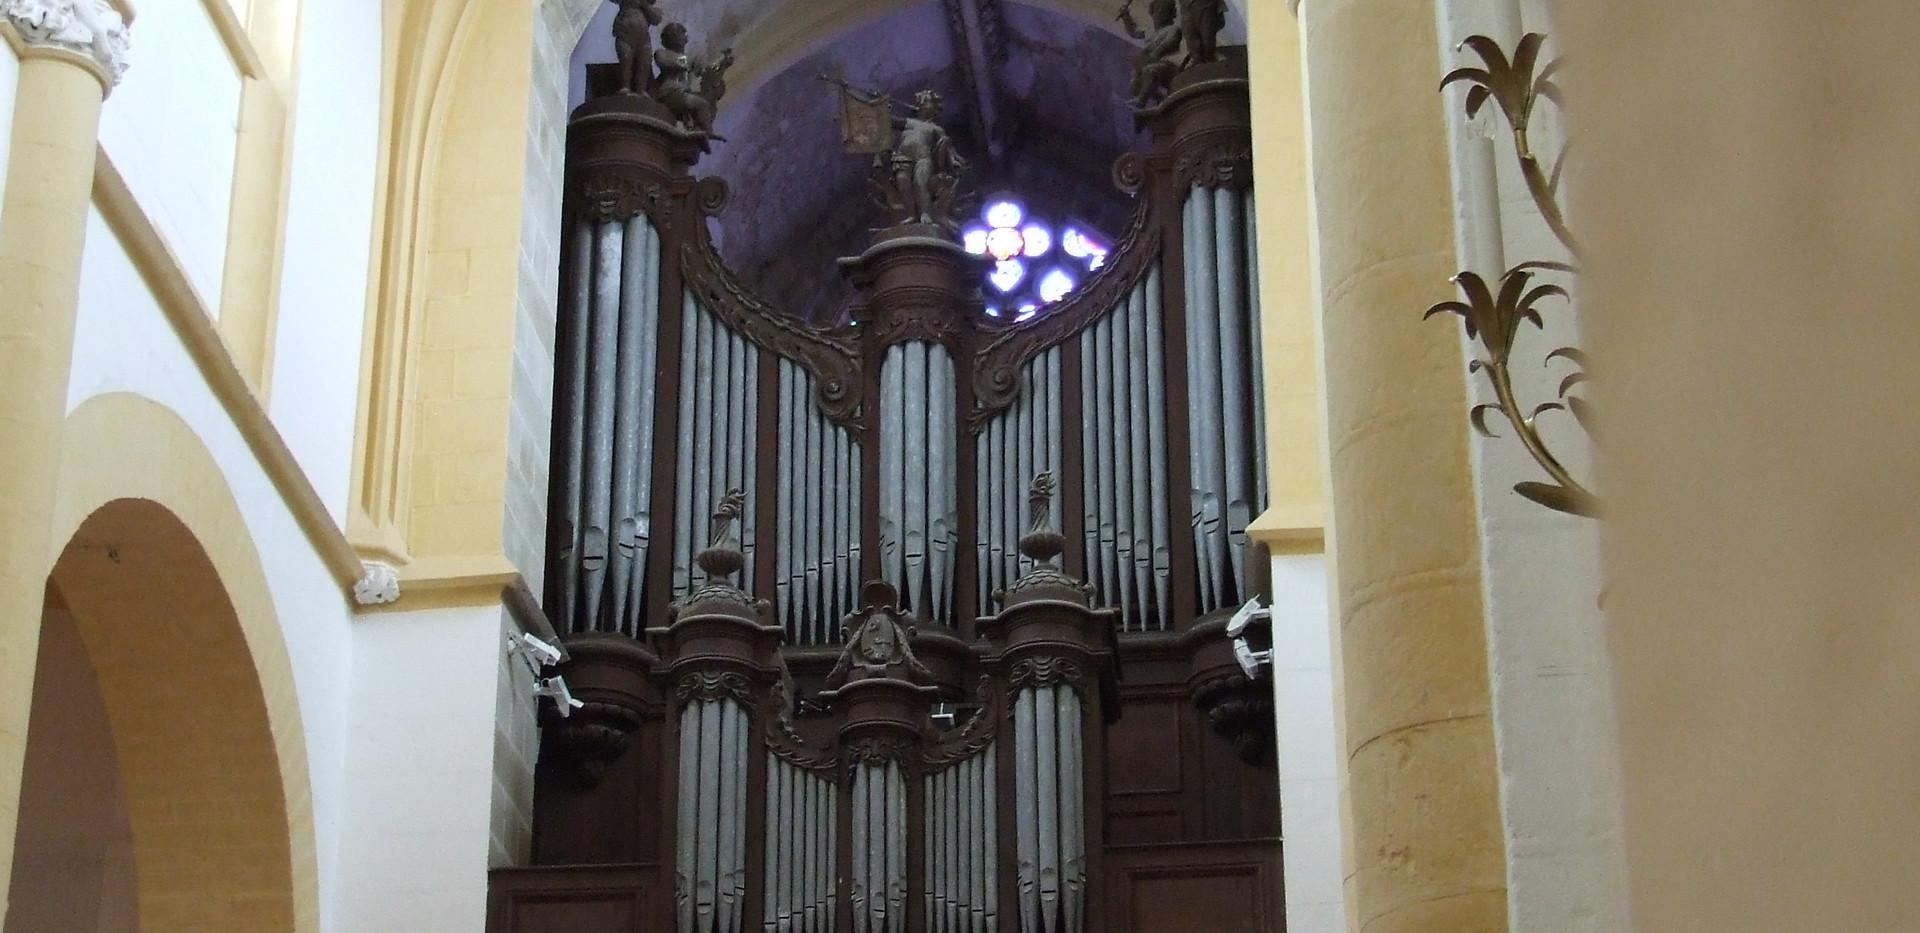 Buffet de l'orgue de Souvigny